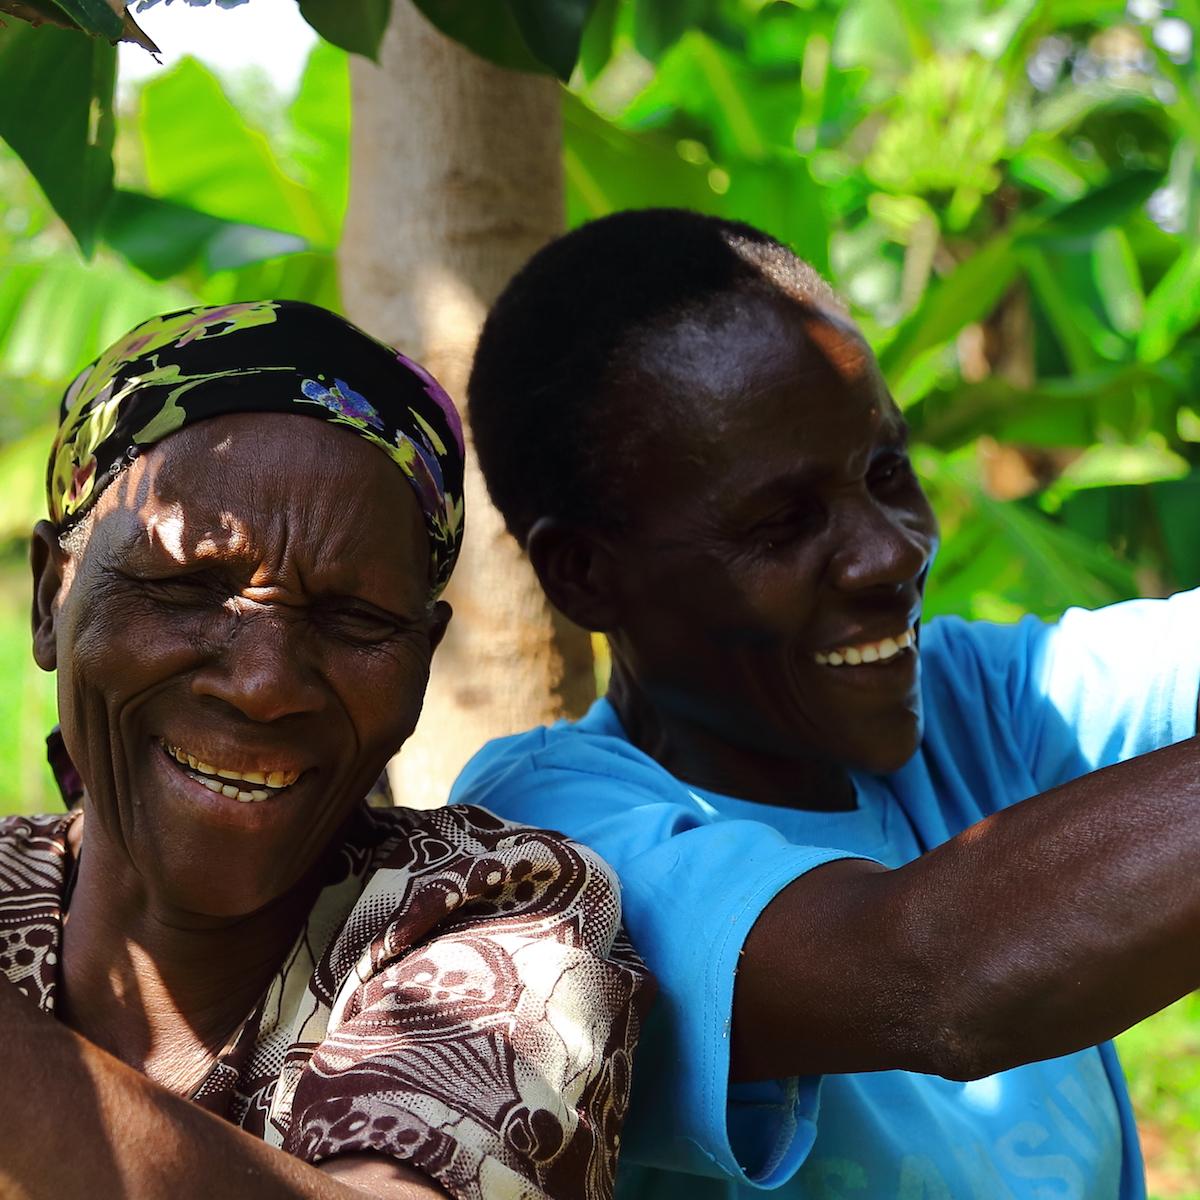 Weltumwelttag - Baeume Pflanzen und die Umwelt regenerieren